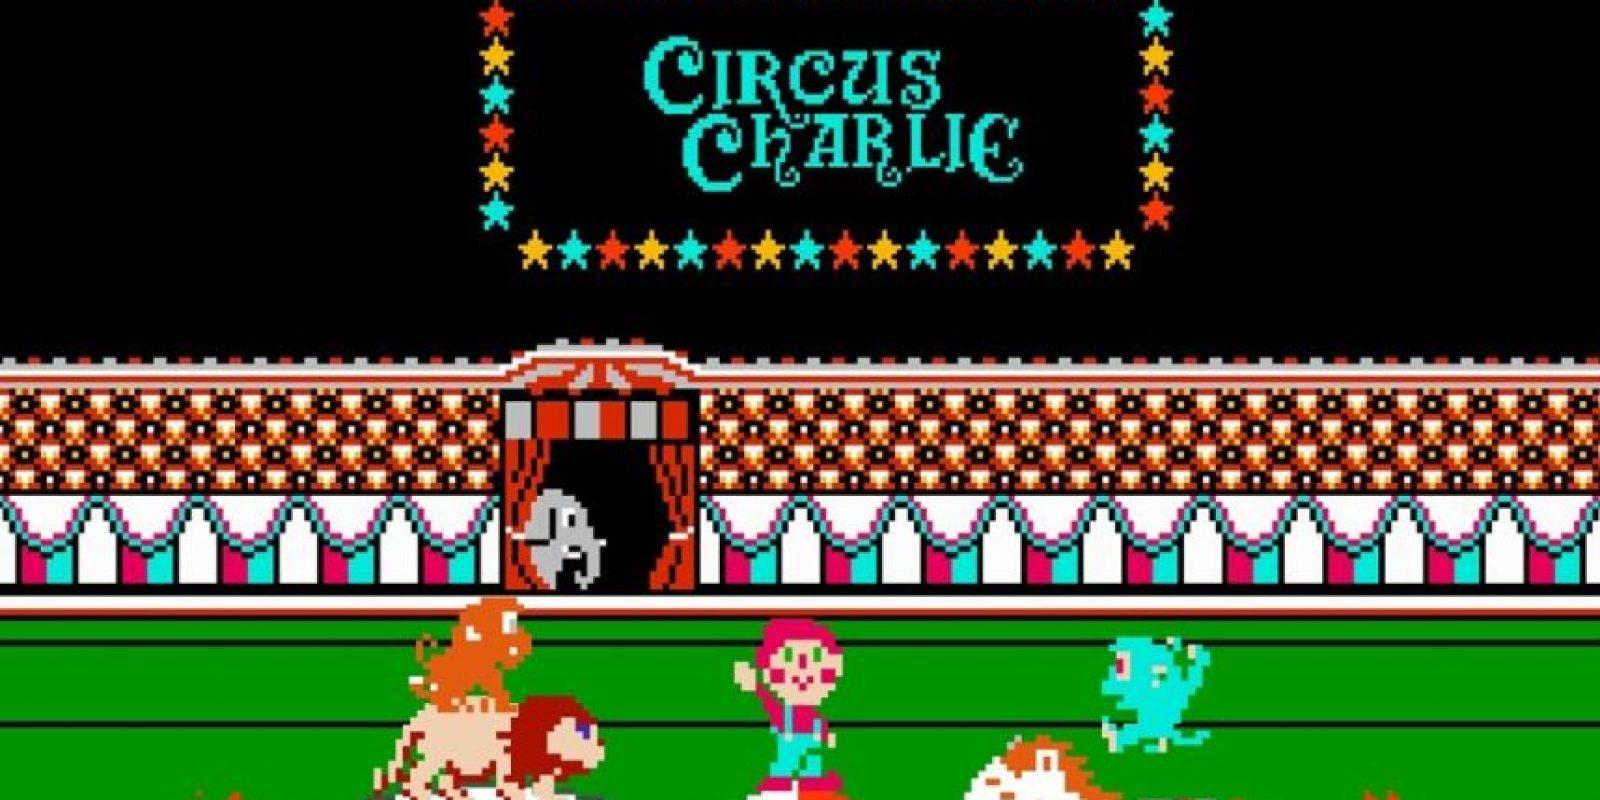 Charlie Circus es para muchos uno de los mejores videojuegos para Atari. El objetivo de este juego era guiar a un payaso por seis niveles que incluían anillos de fuego, caminar por una cuerda, saltar sobre bolas, montar un caballo y hacer un acto de trapecio. Foto:Konami